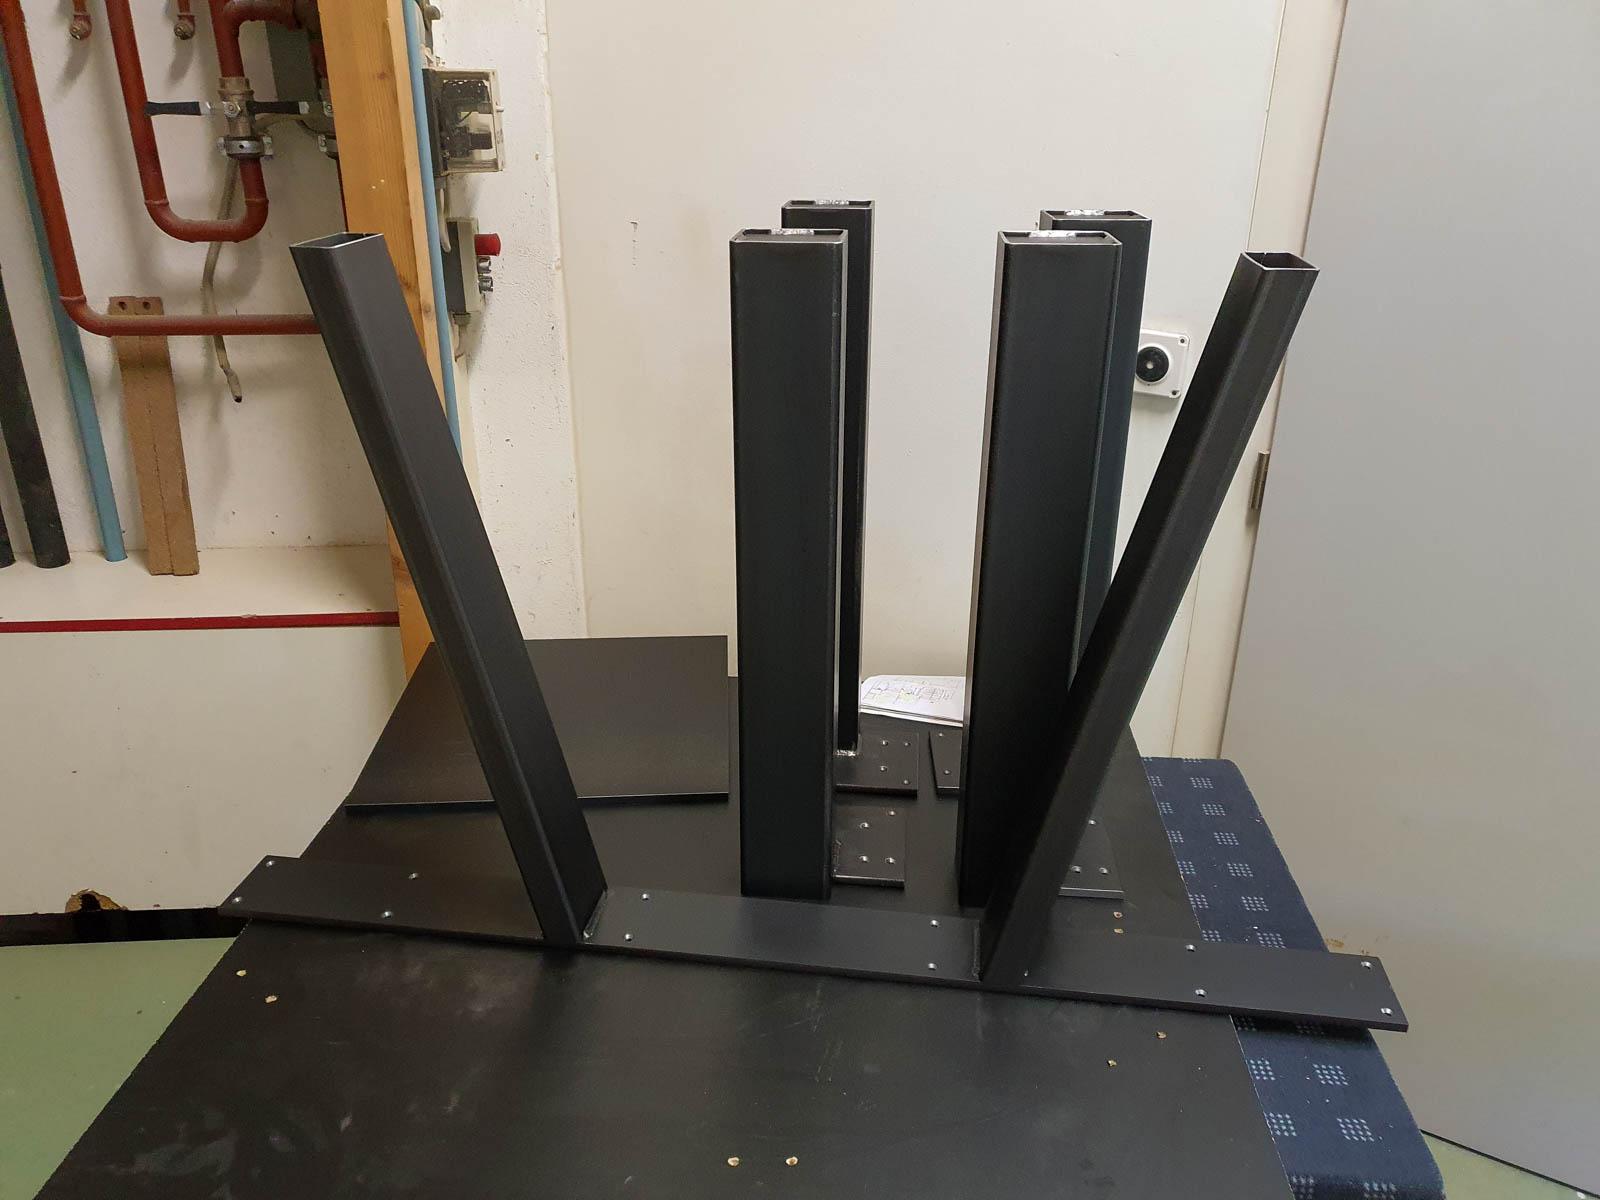 Wooddesign_Tisch_ Herstellung_Schwarzstahl_Tischgestell_Schreinerei Möbelwerkstatt (8)